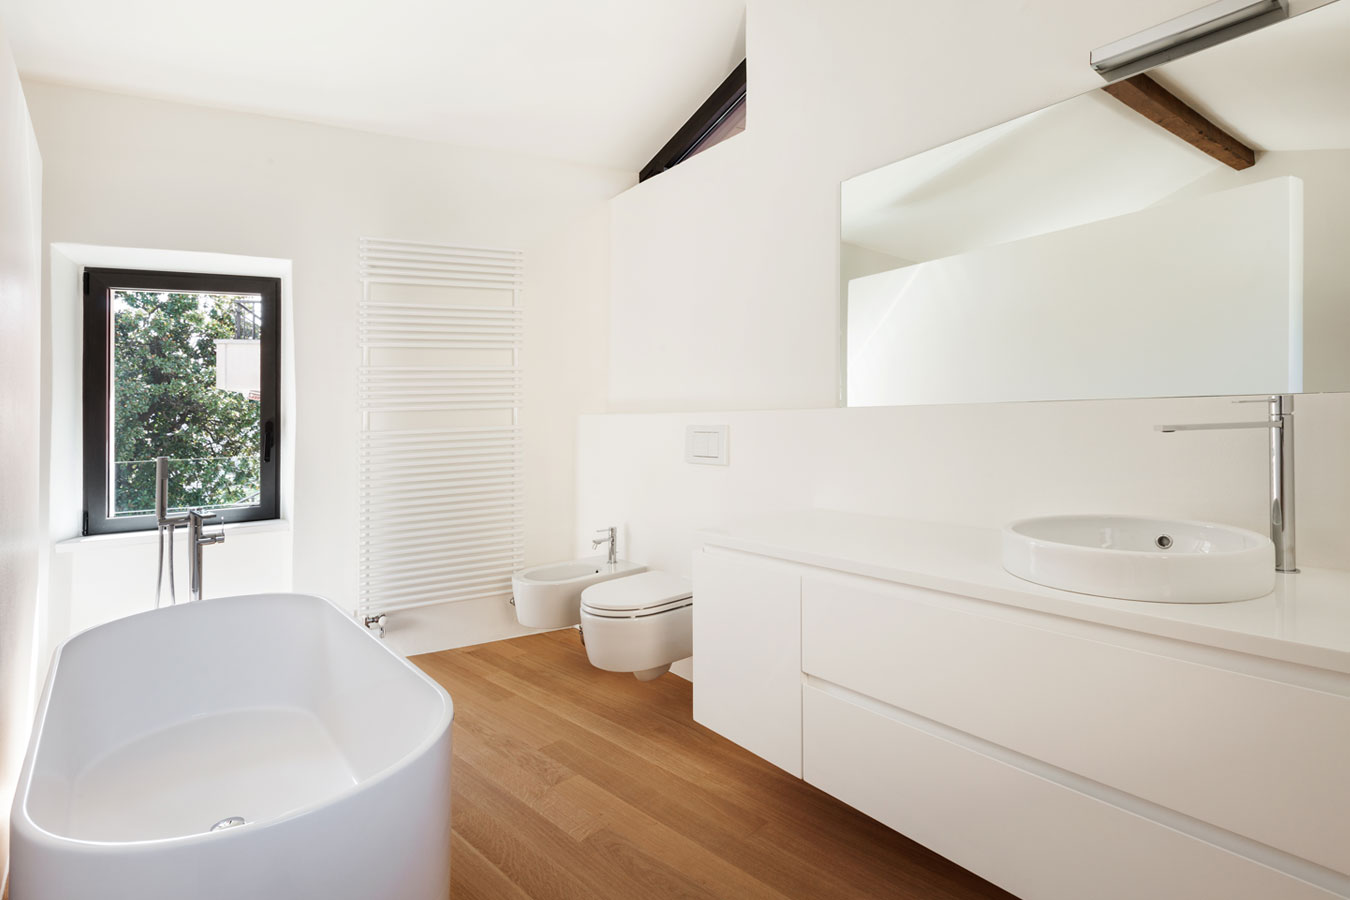 badkamer inrichten inspiratie foto s originele ideeà n